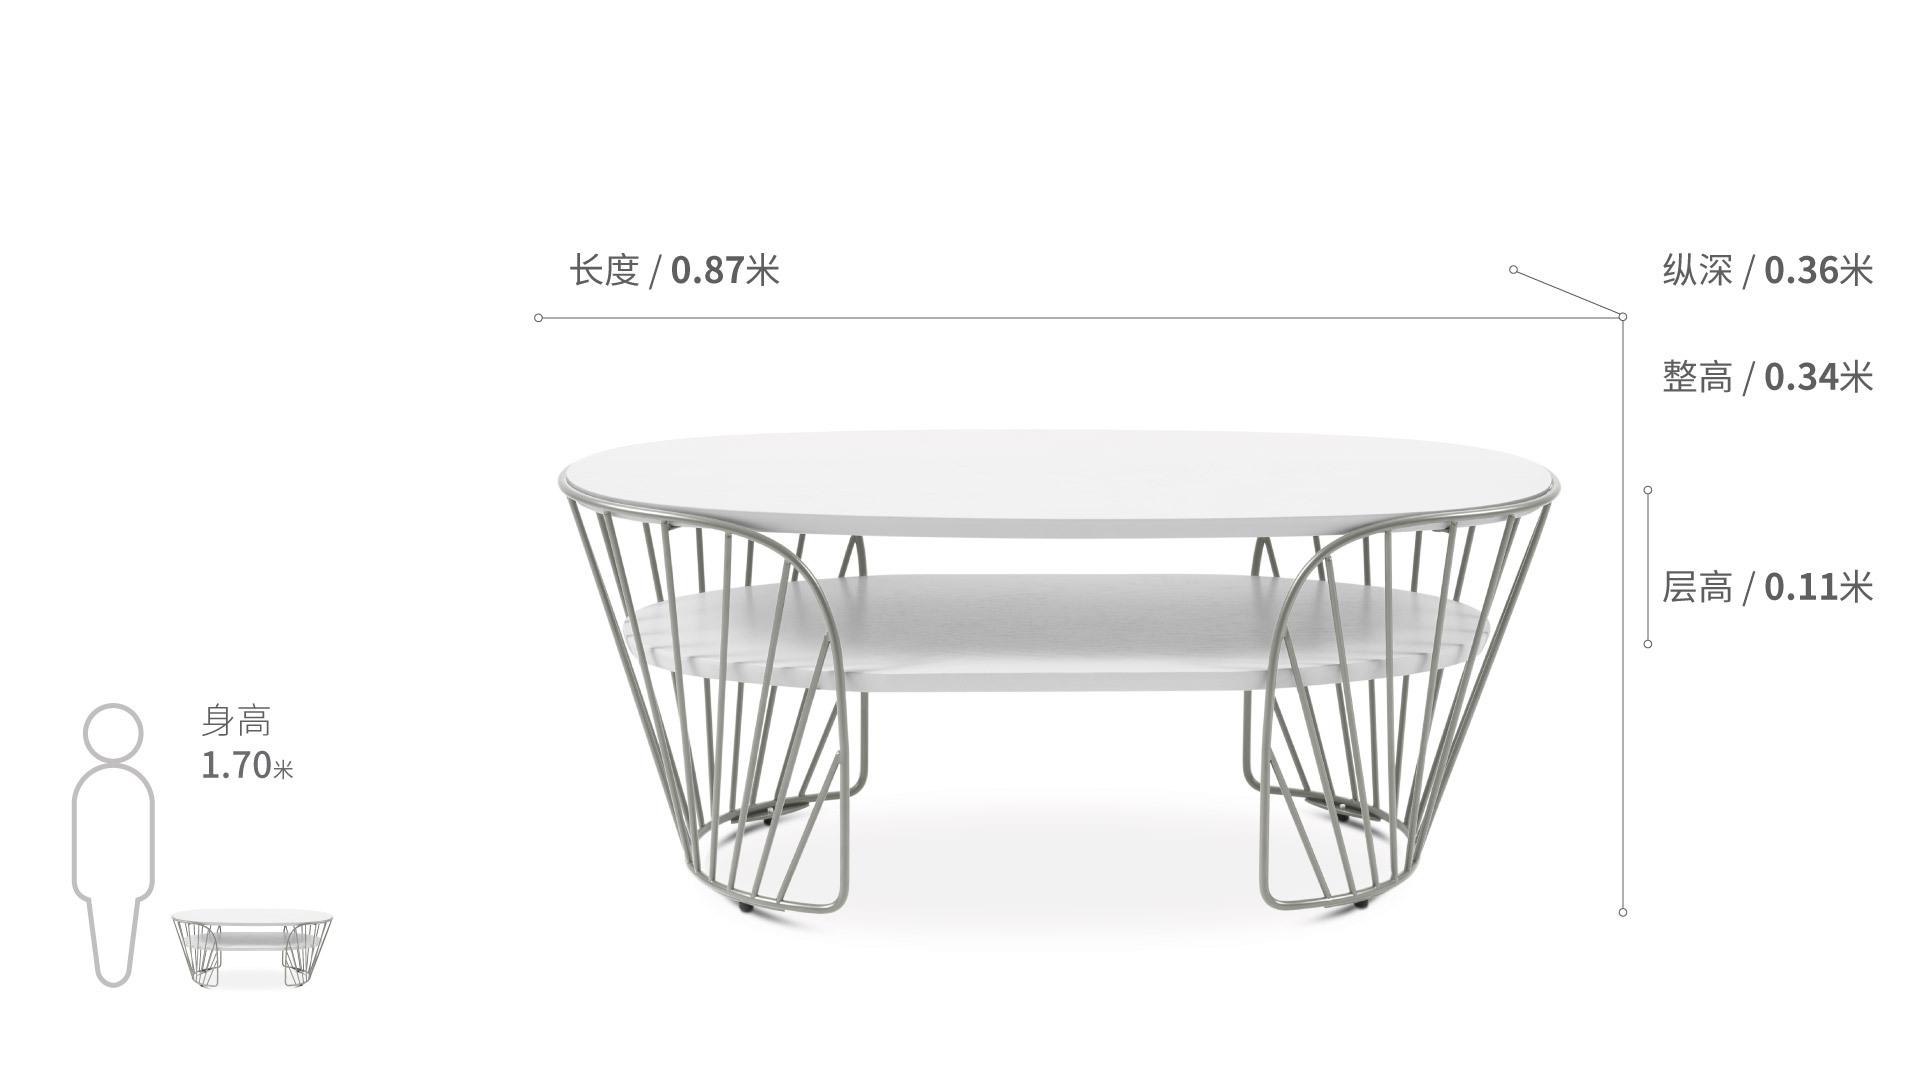 造作蝴蝶边桌®双层桌几效果图